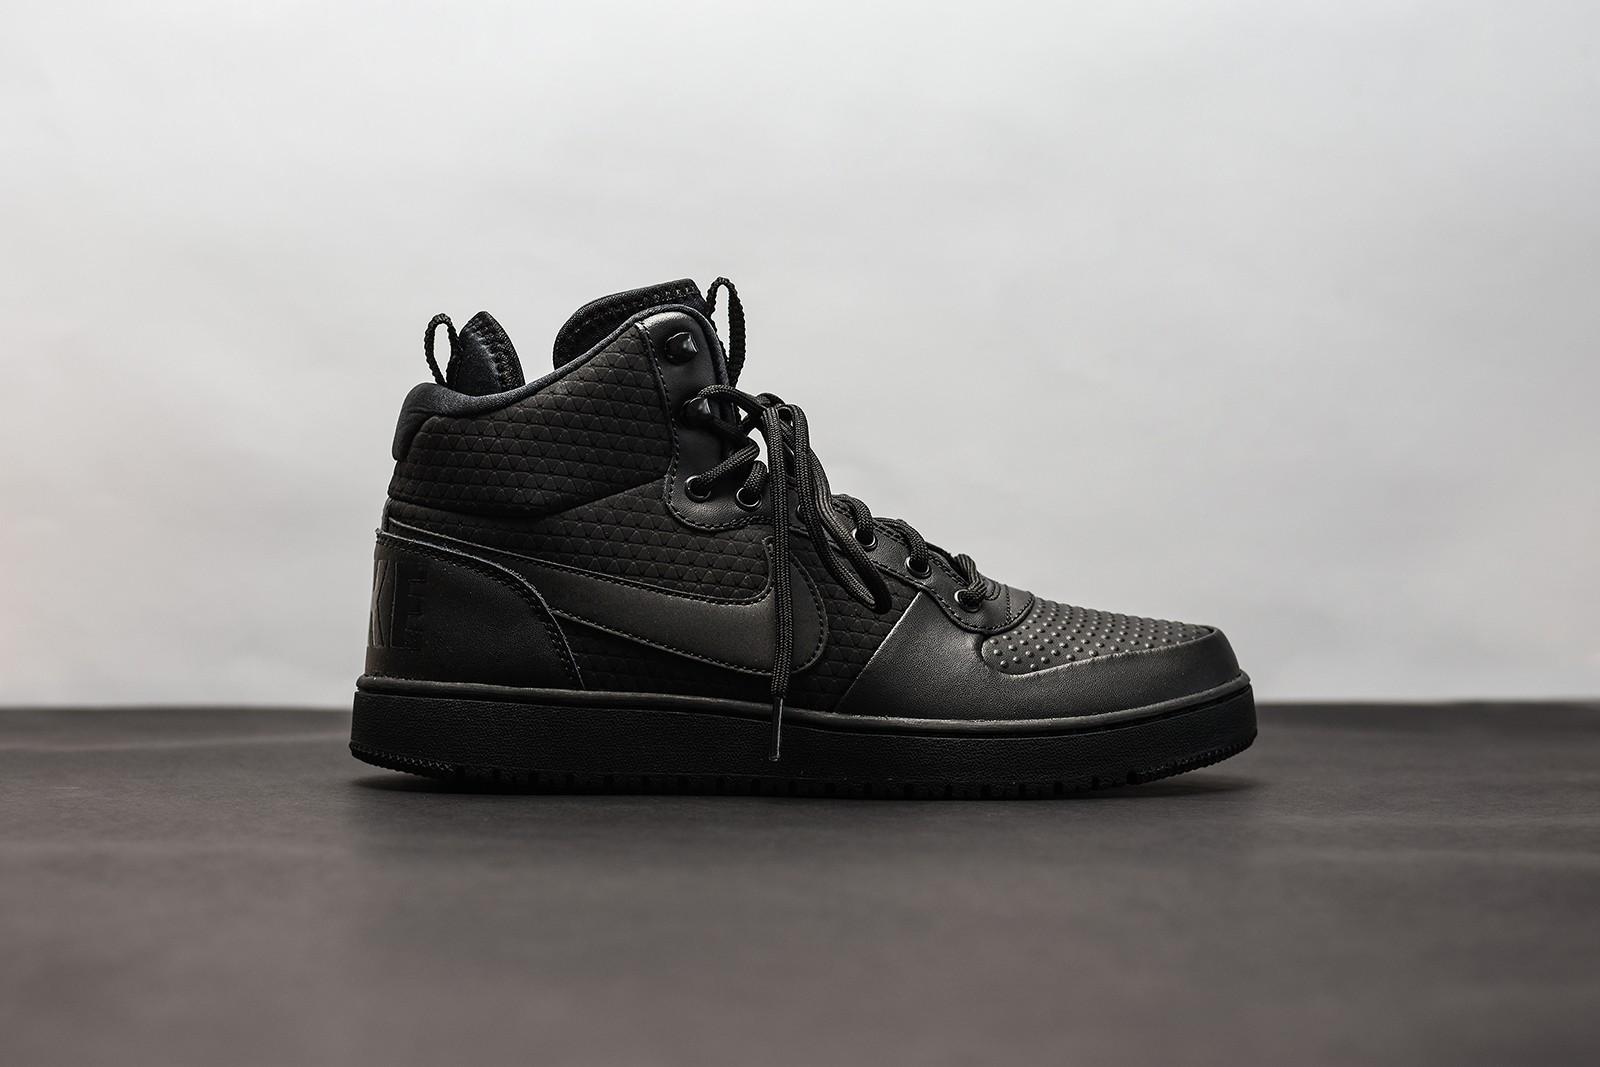 6f36f0089eb Pánská Zimní obuv Nike COURT BOROUGH MID WINTER